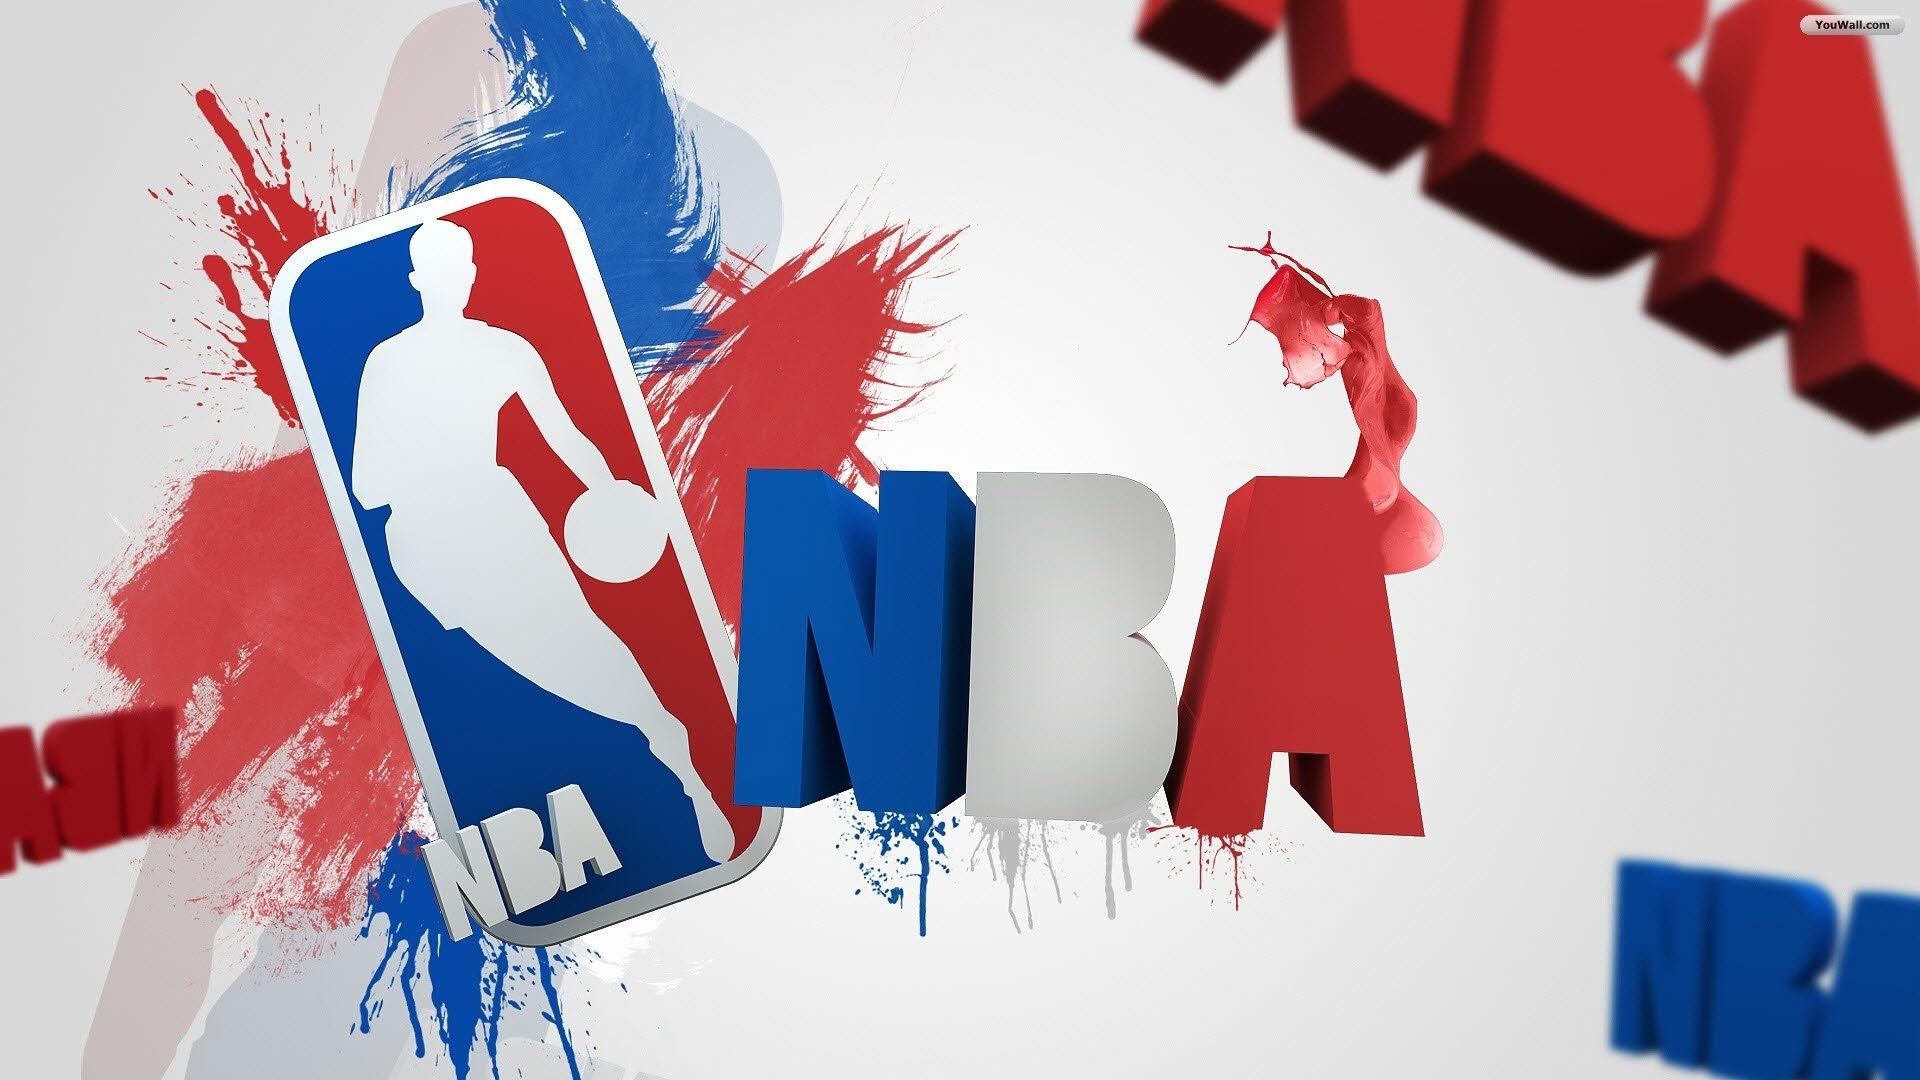 Първенство на Националната баскетболна лига на САЩ и Канада (НБА),